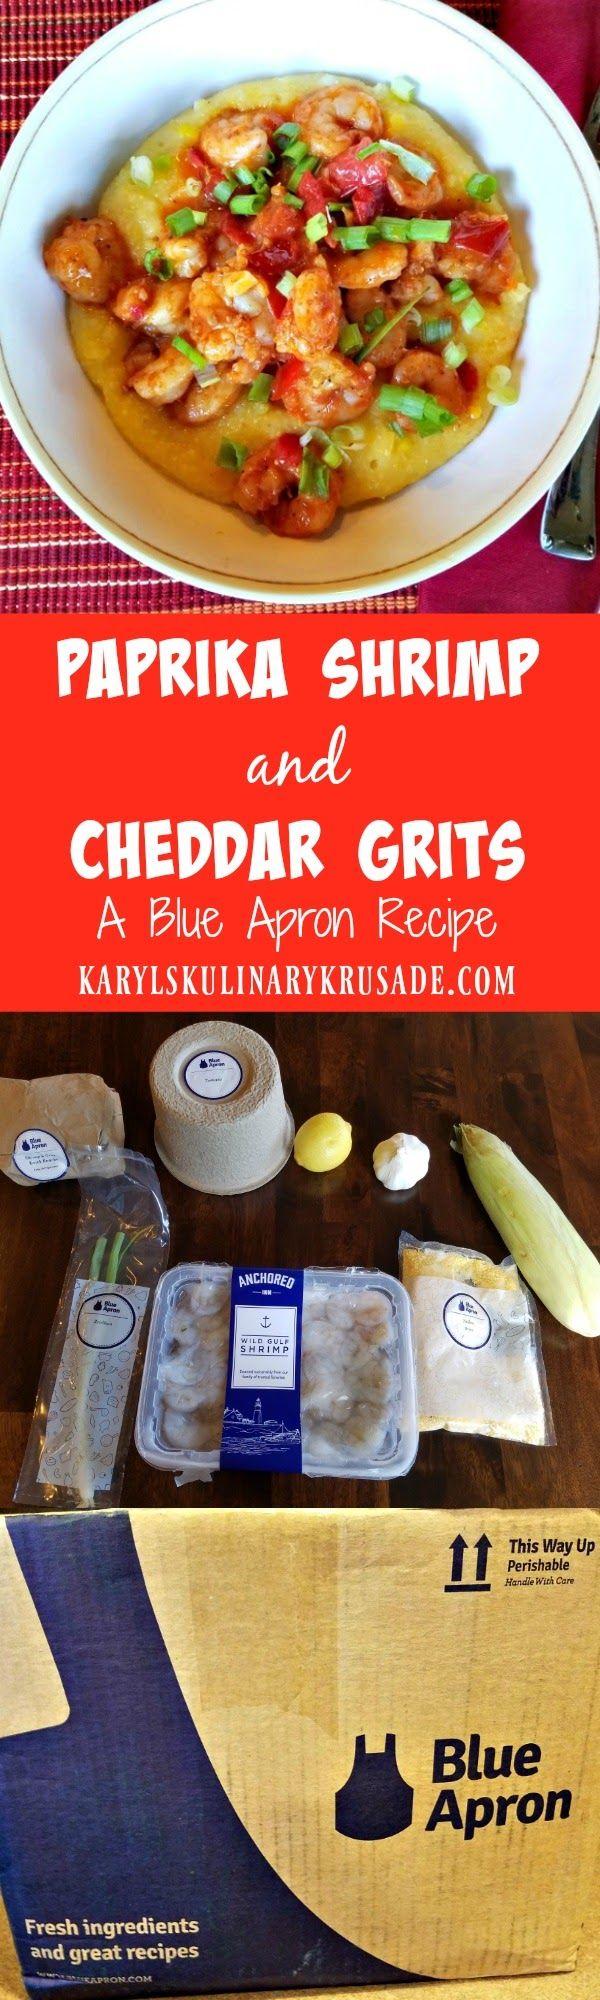 Blue apron quesadilla recipe - Paprika Shrimp And Cheddar Grits A Blue Apron Recipe